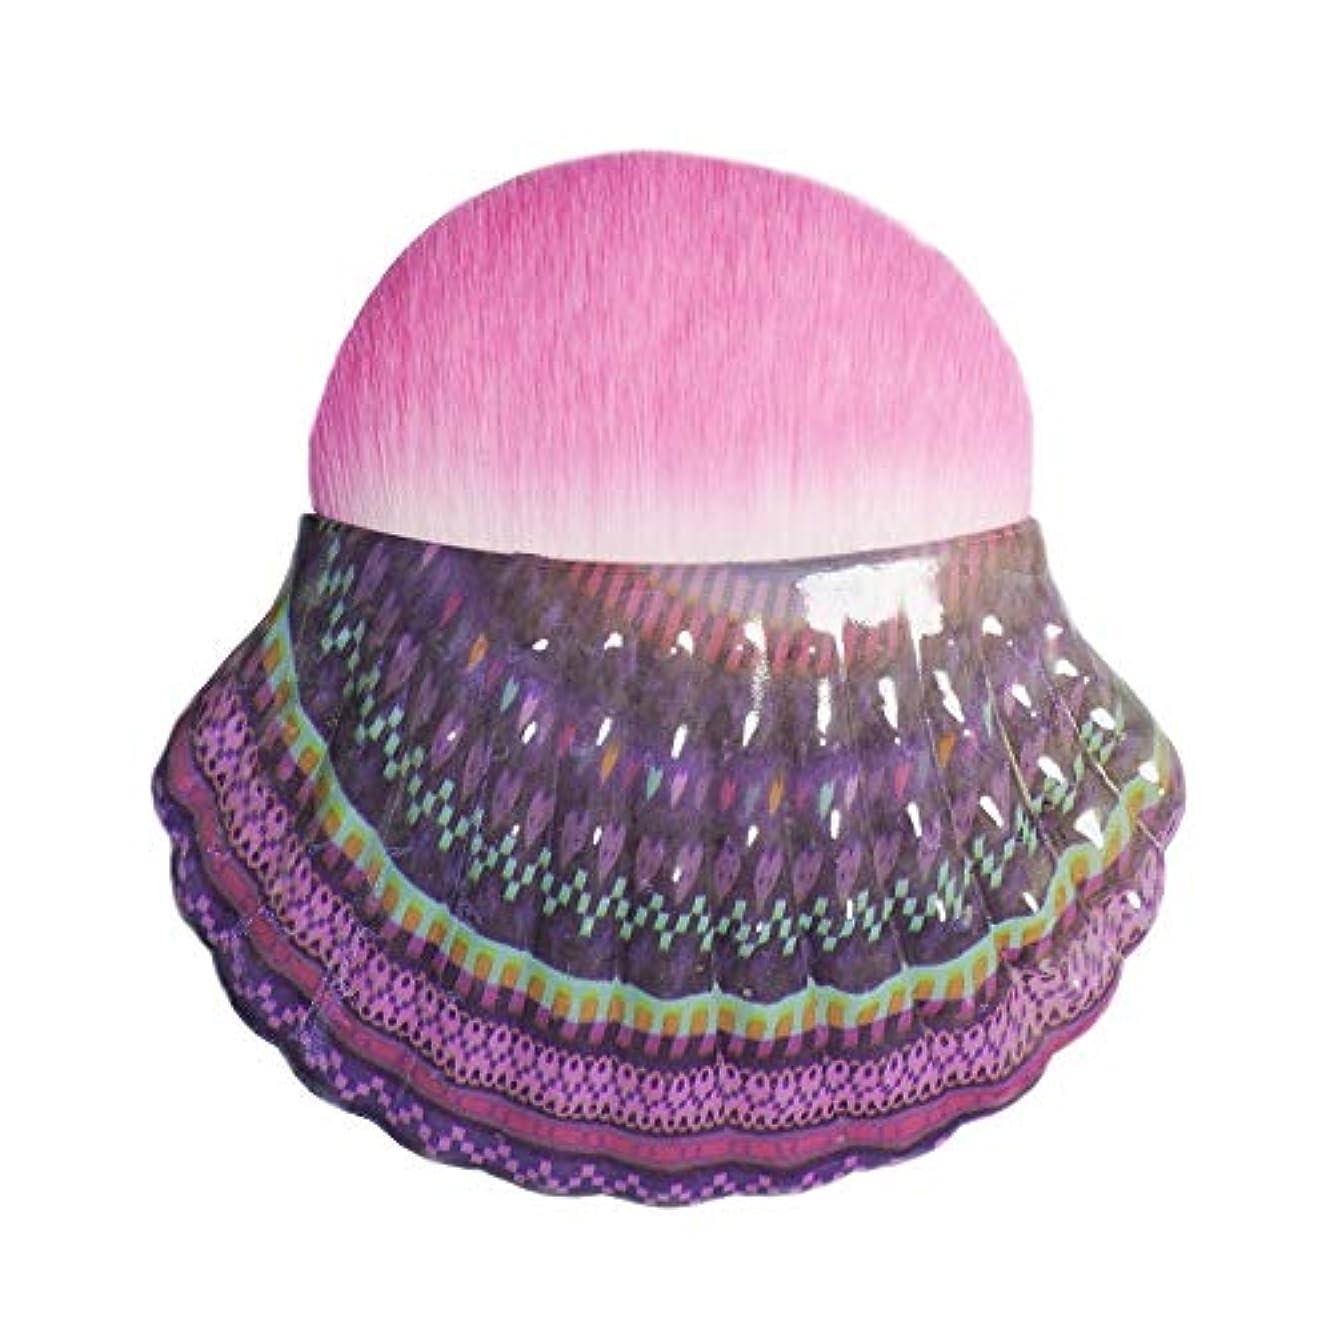 失すき腕Makeup brushes 化粧シングルシェル赤面ブラシ化粧ブラシツールポータブル多機能化粧ブラシ、ピンク suits (Color : Pink Gradient)